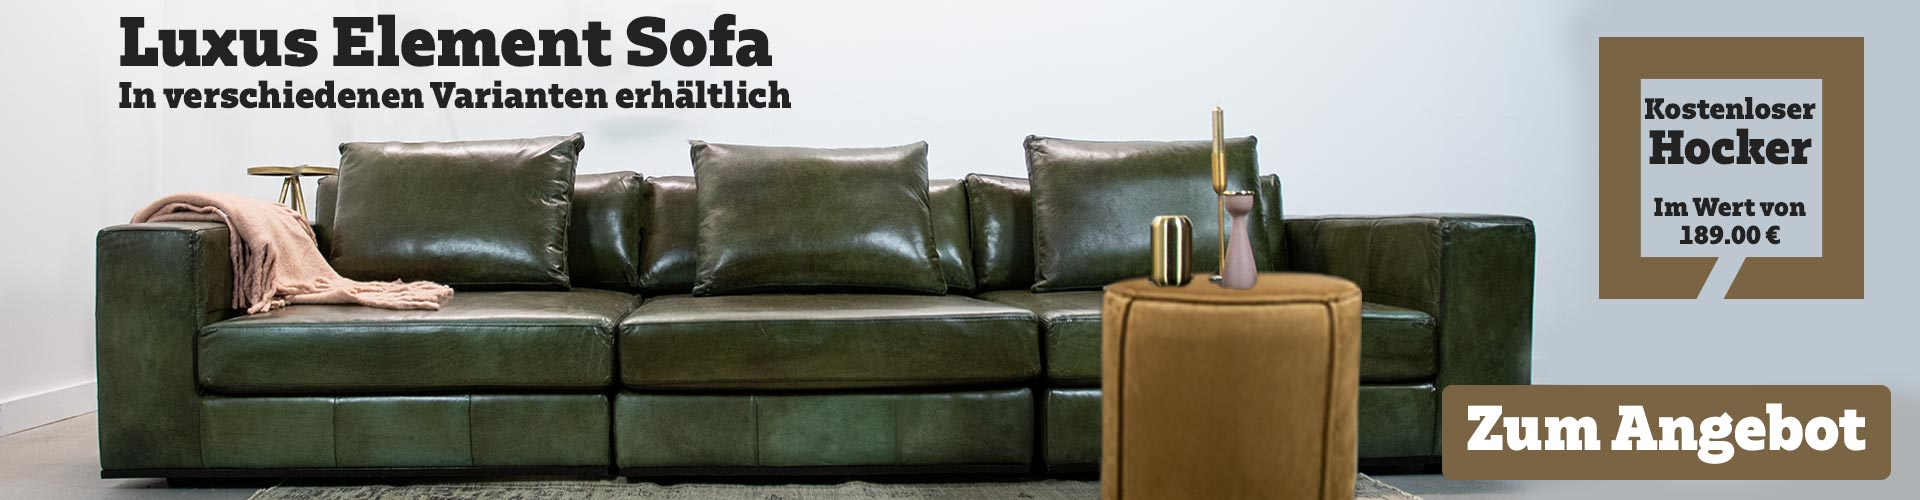 Luxus Elementen Sofa